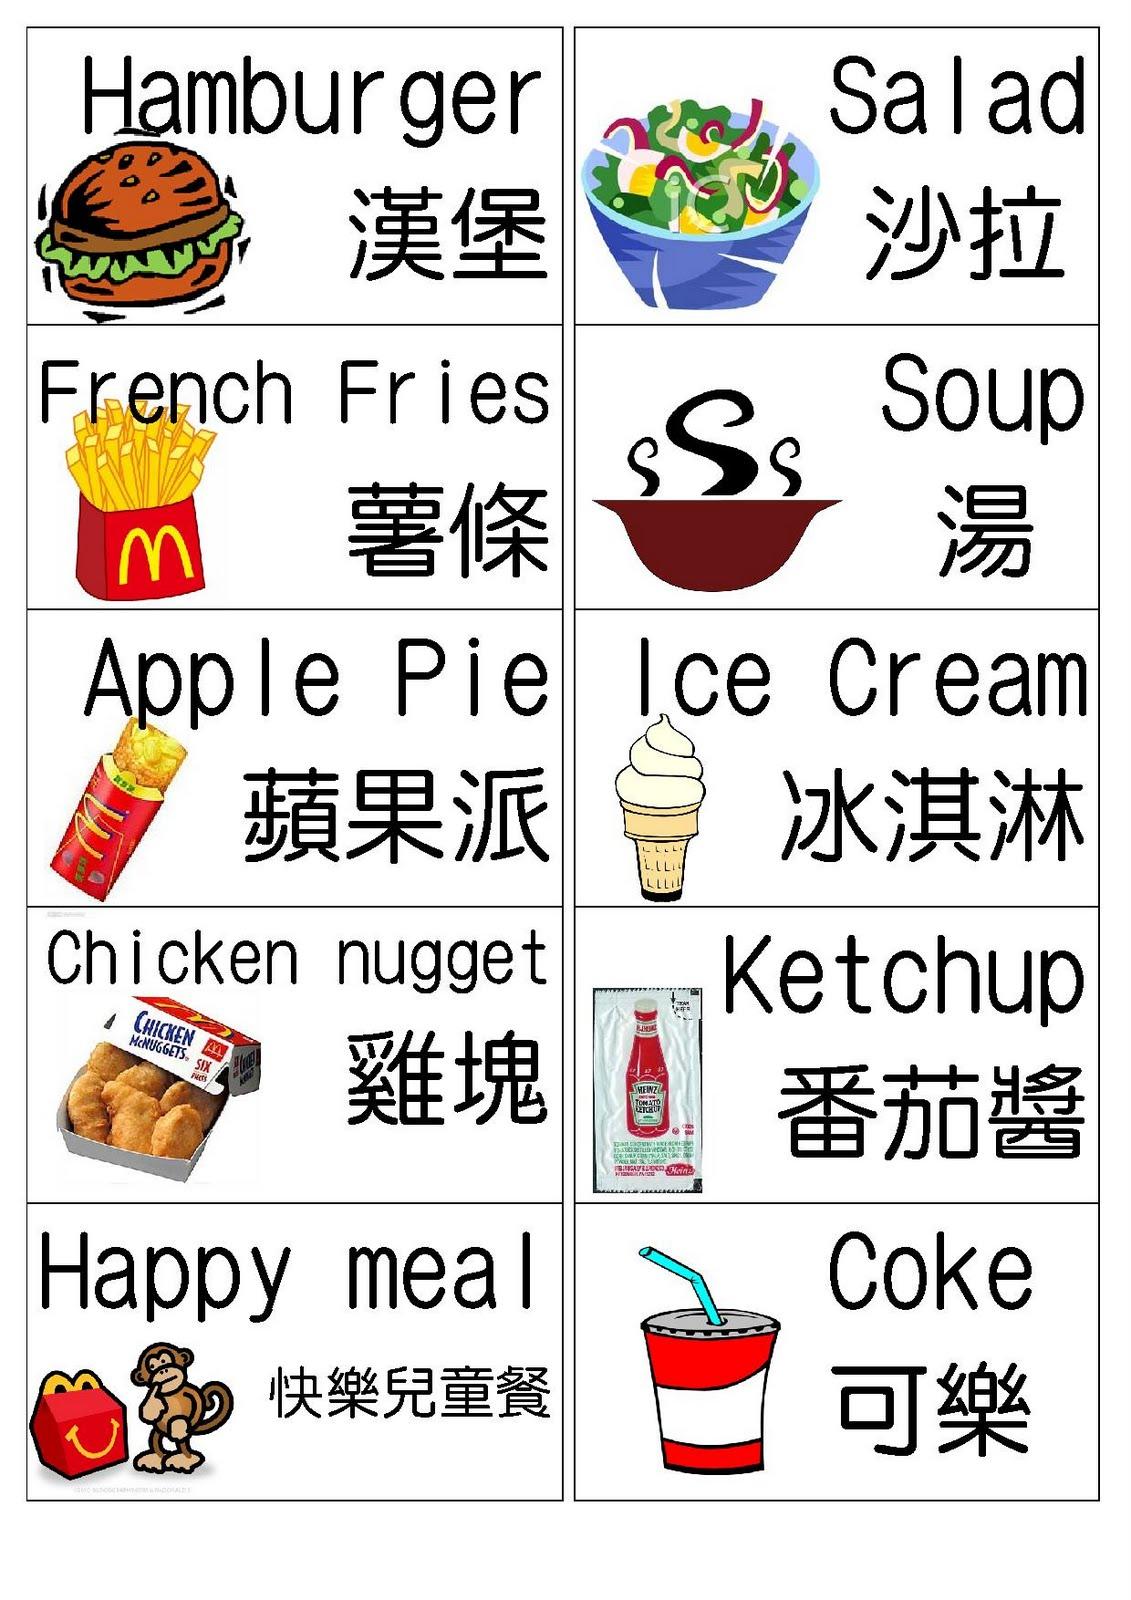 達觀國小 - 英語推廣: 2011.9.21 情境教學(麥當勞點餐)